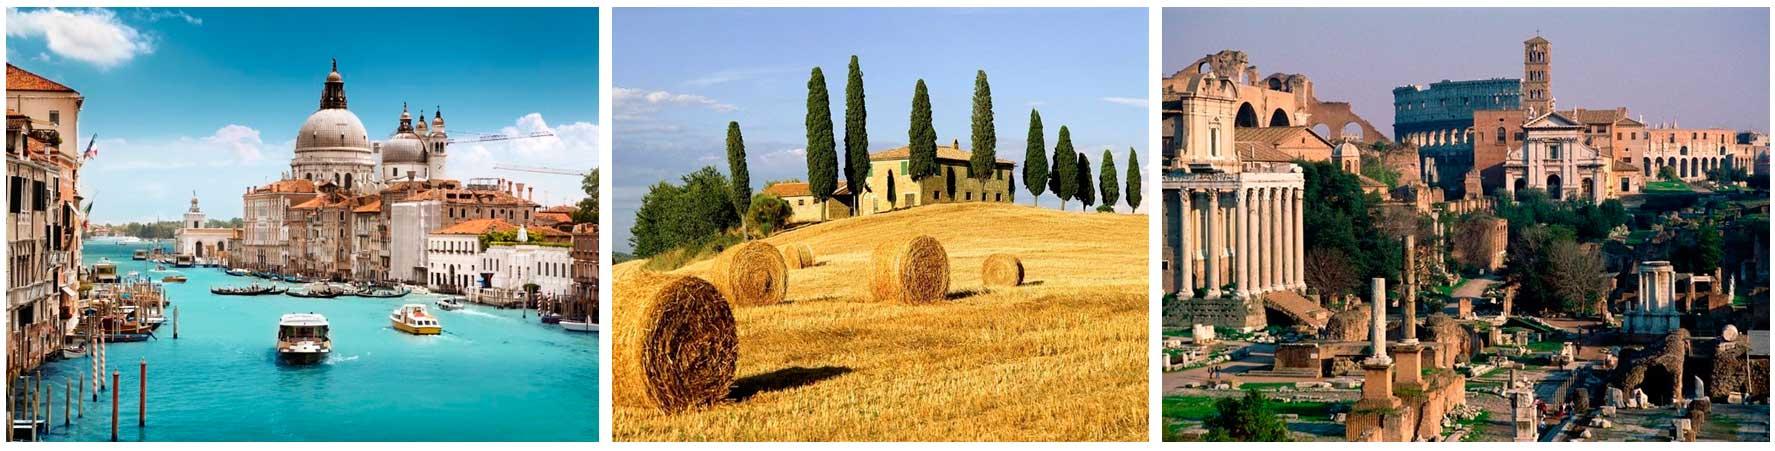 Италия май туры экскурсионные